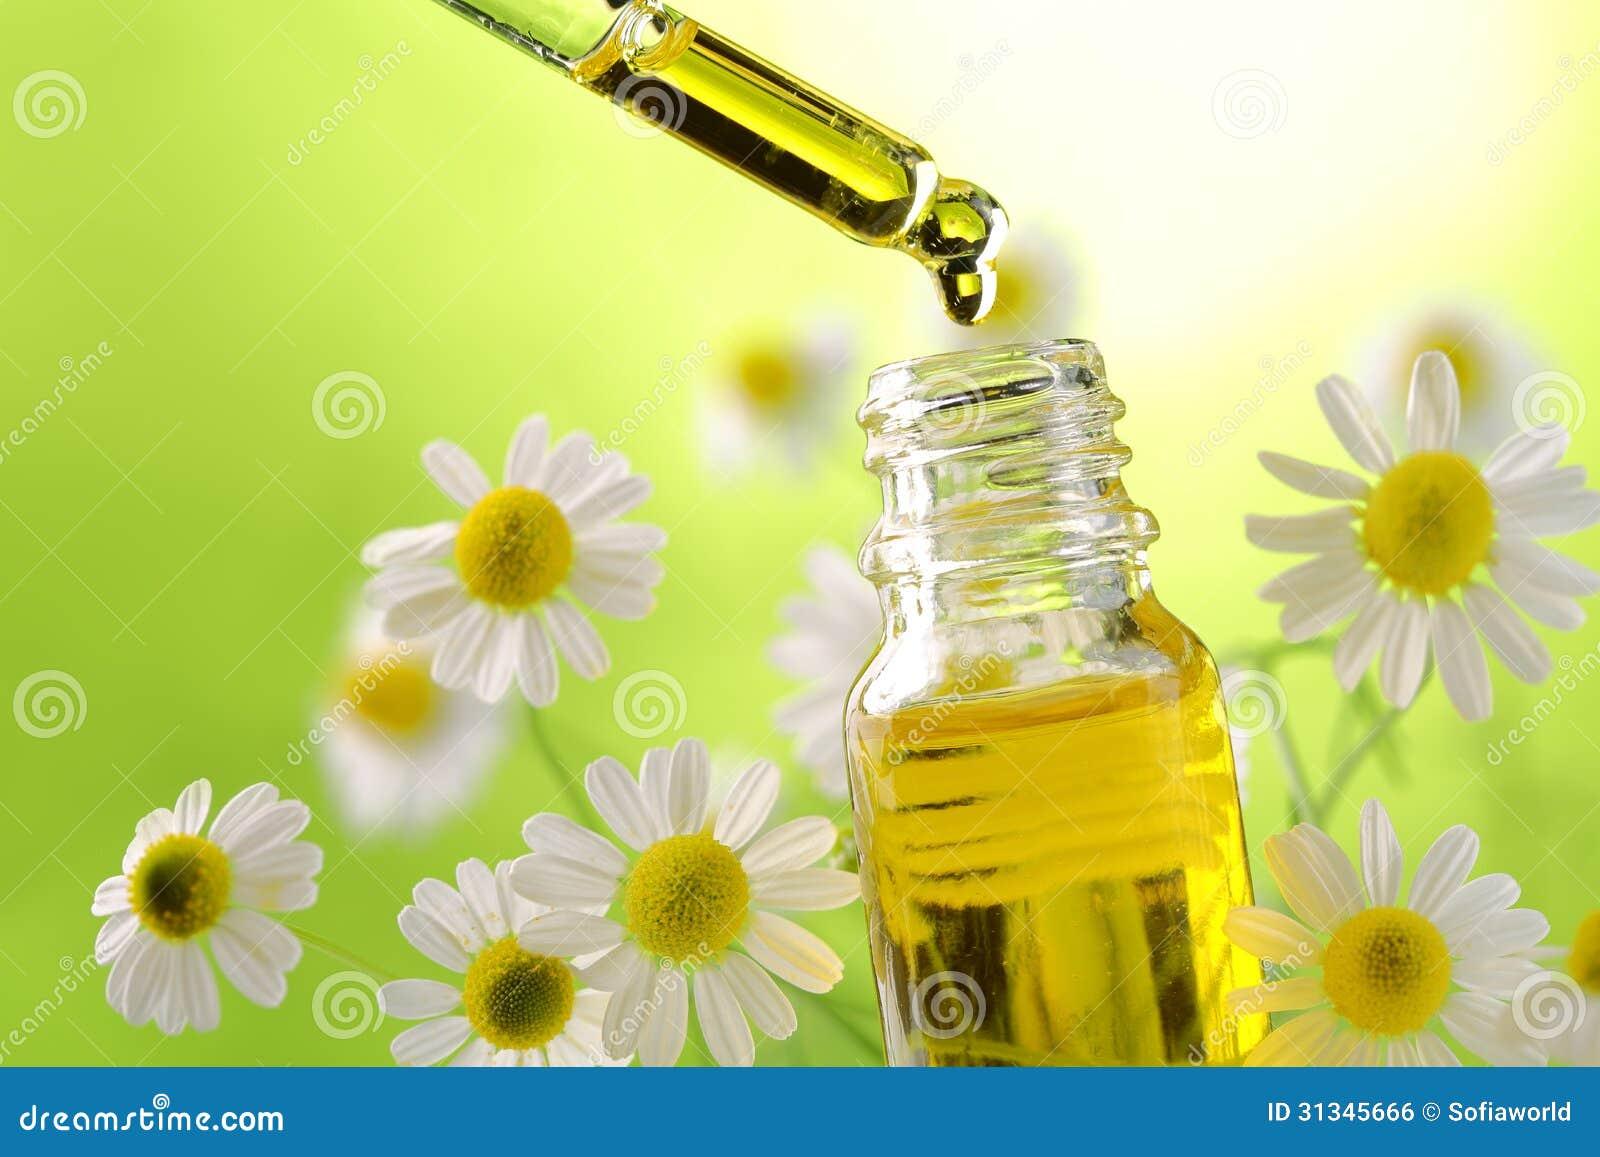 Aromatherapy essence